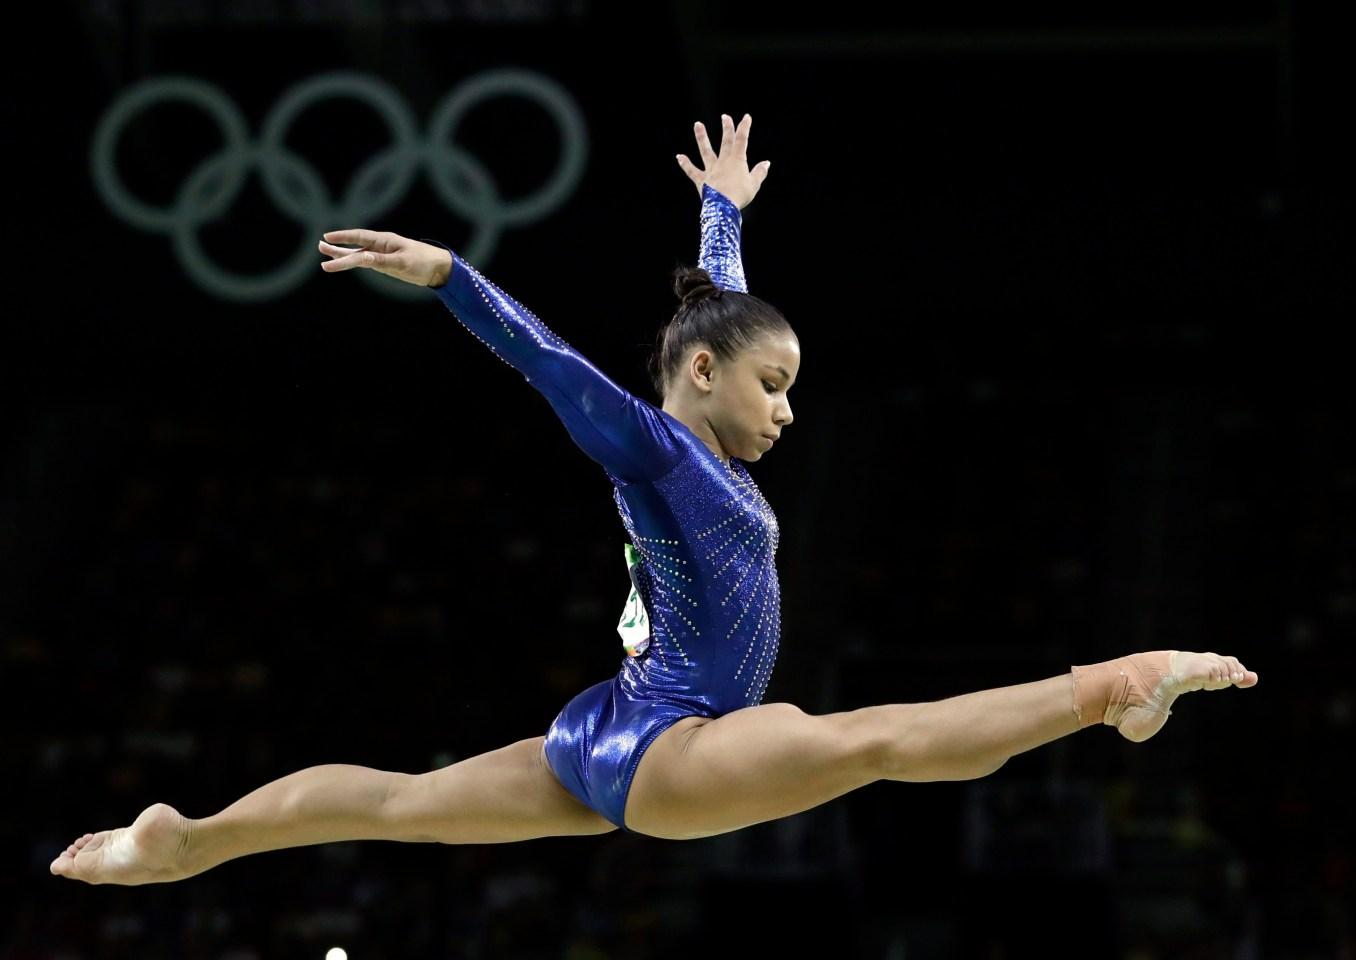 La brésilienne Flavia Saraiva performe sur la poutre d'équilibre lors de la finale de l'équipe féminine de gymnastique artistique aux Jeux olympiques d'été de 2016 à Rio de Janeiro, au Brésil, le 9 août 2016. (AP Photo / Rebecca Blackwell)